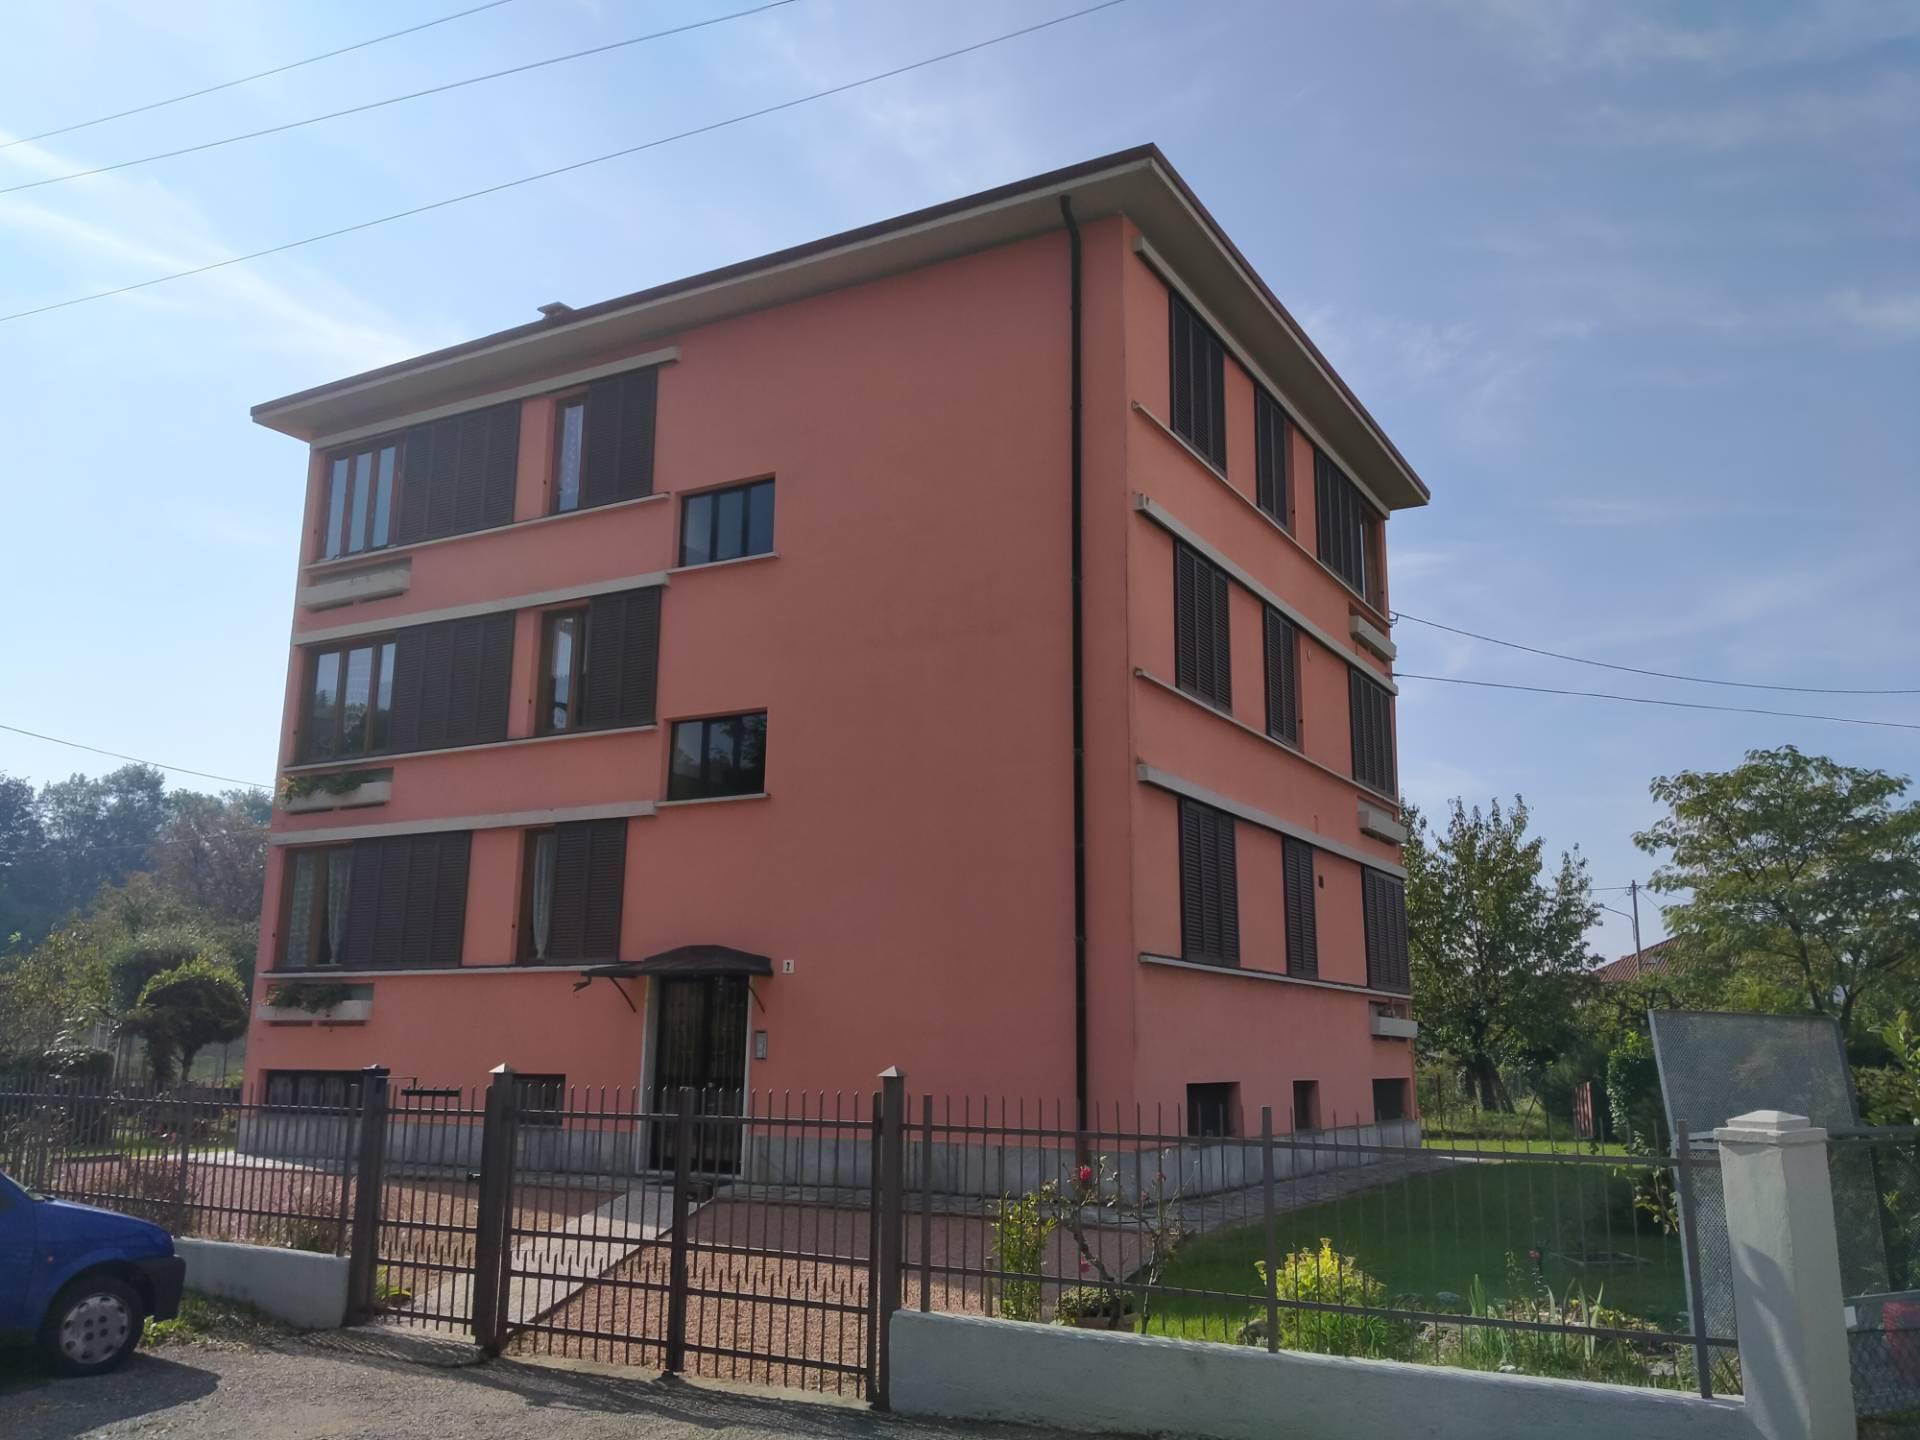 Appartamento in vendita a Gemonio, 2 locali, prezzo € 59.000   PortaleAgenzieImmobiliari.it